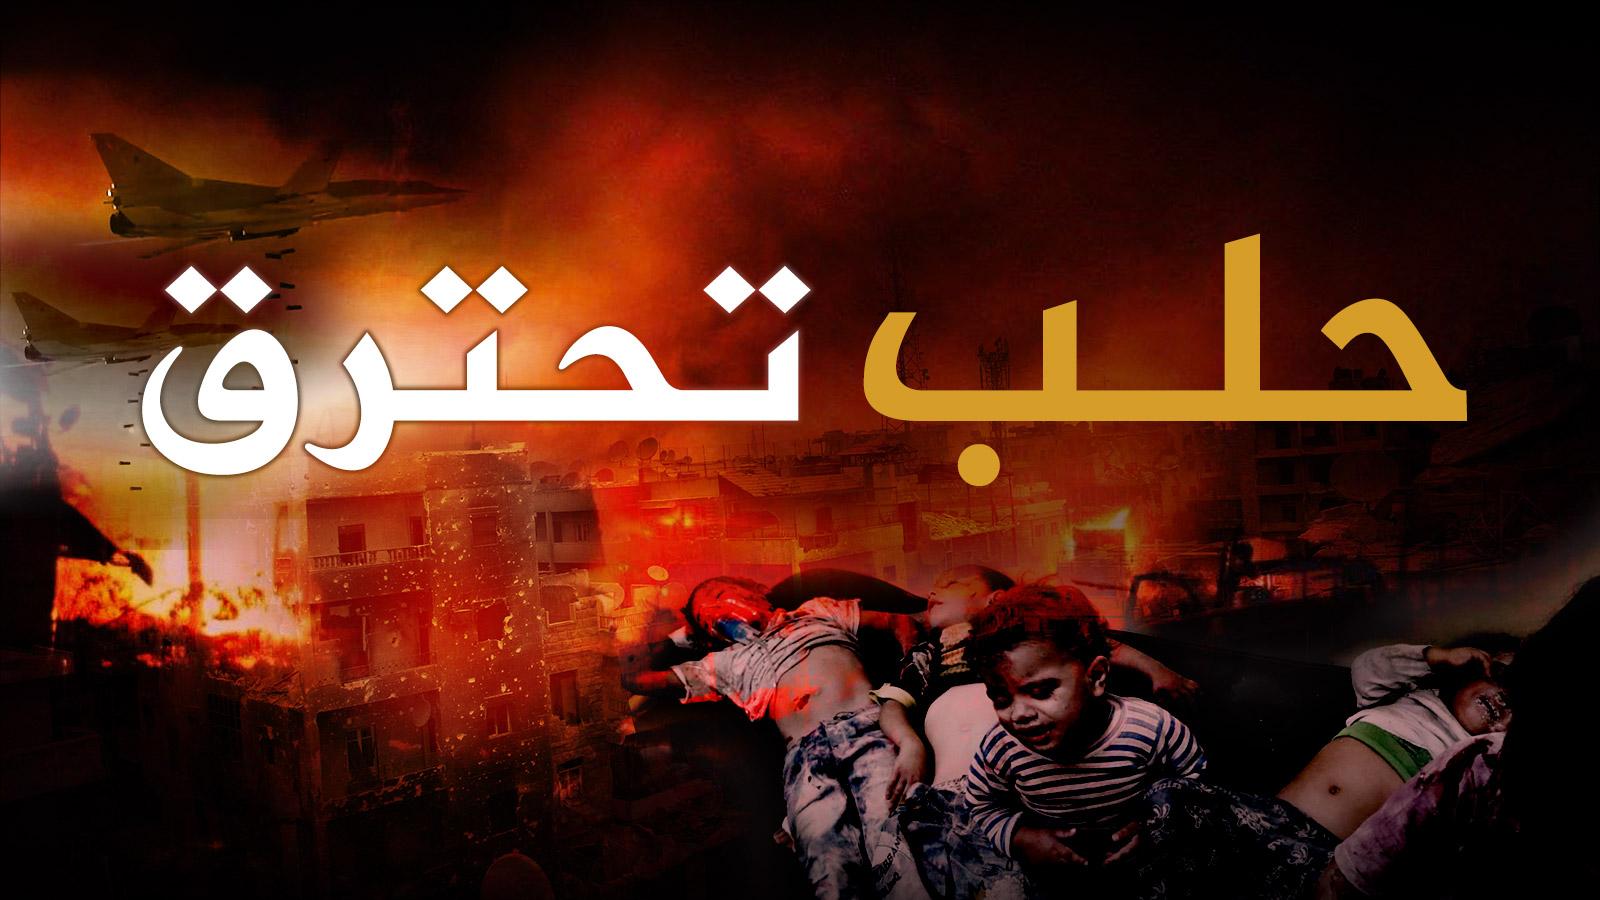 بالصور صور عن سوريا , صور قاسيه من سوريا الحبيبه 2901